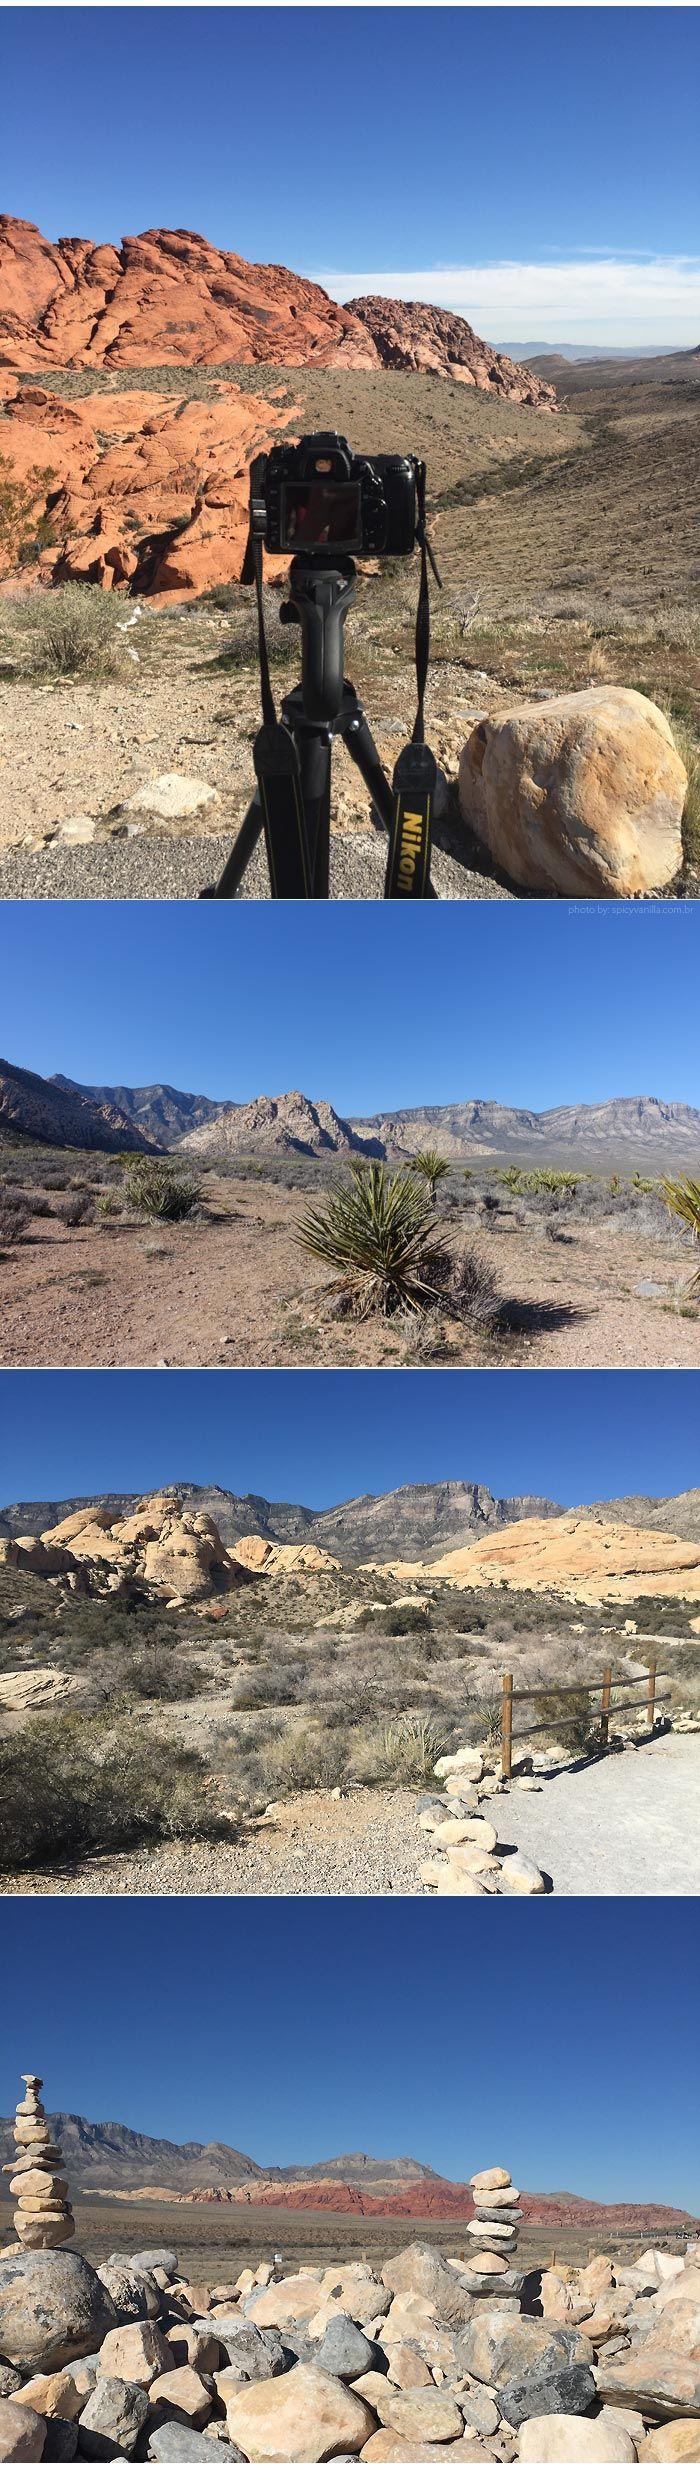 Red Rock Canyon | Um passeio incrível em Las Vegas Leia mais em: http://www.spicyvanilla.com.br/2016/04/red-rock-canyon-um-passeio-incrivel-em-las-vegas/  #turismo #lasvegas #canyon